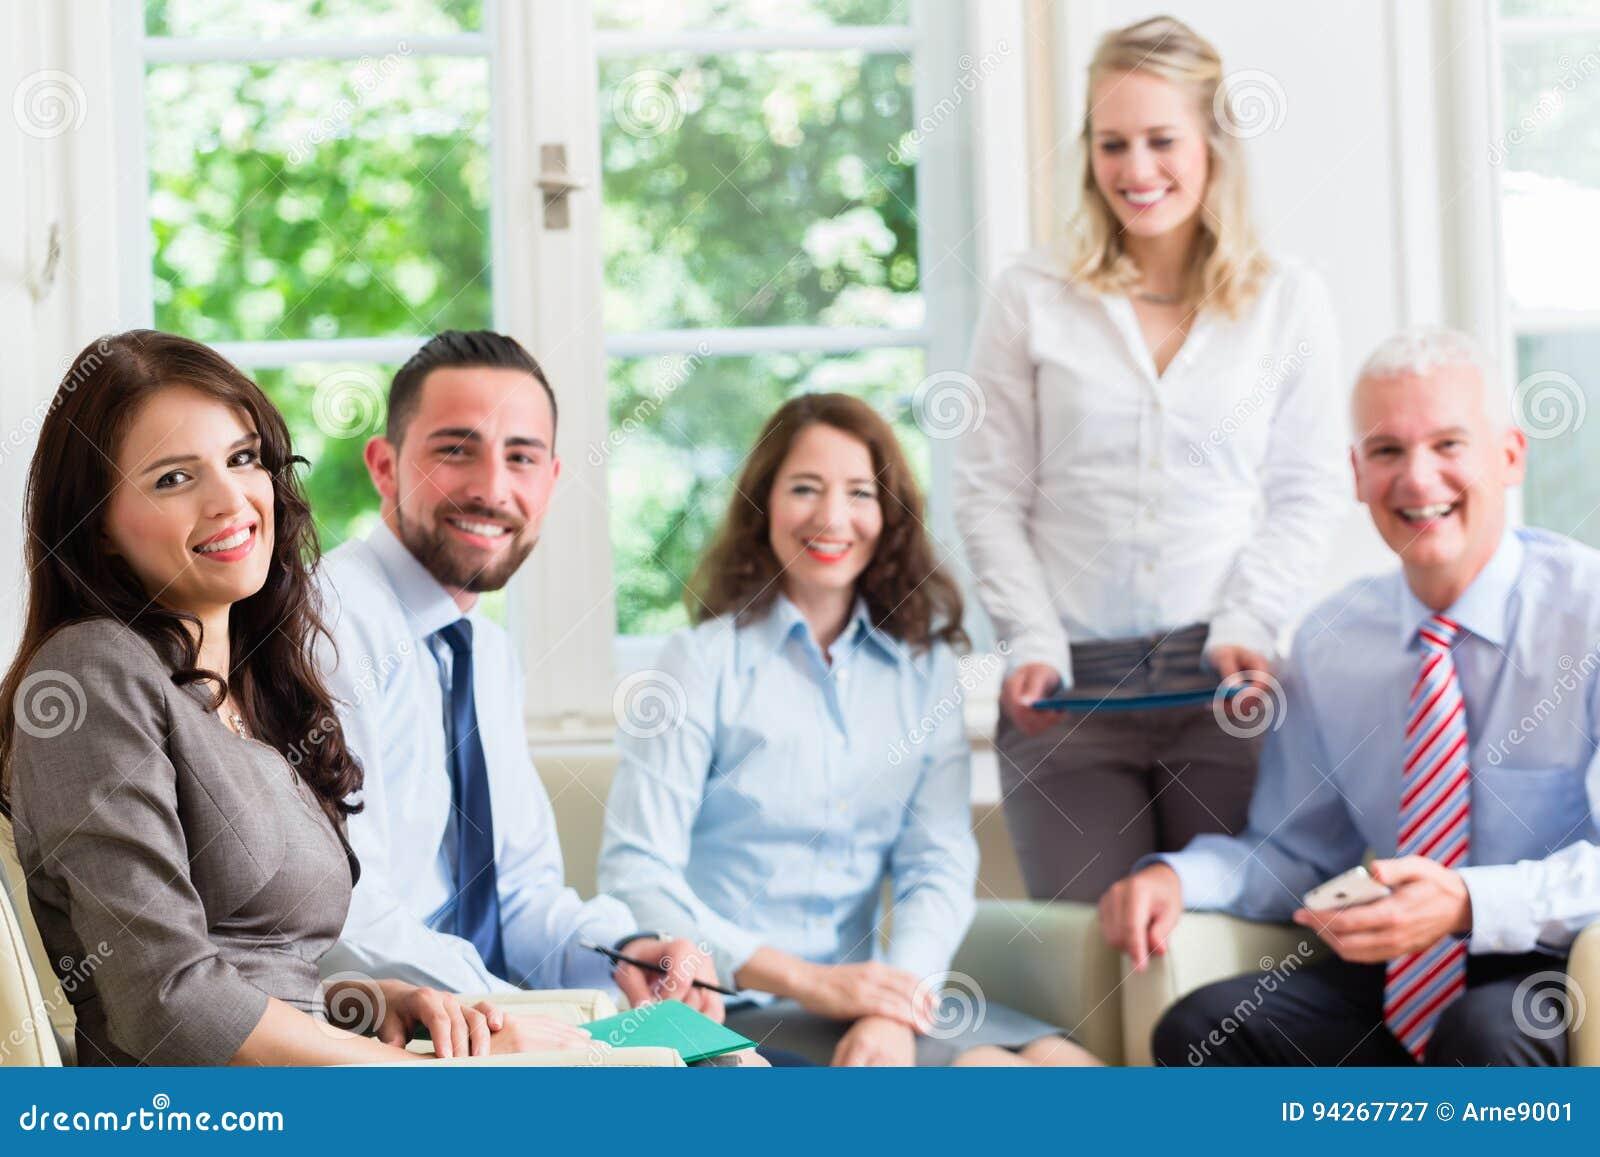 Geschäftsfrauen und Männer im Büro, das Darstellung hat